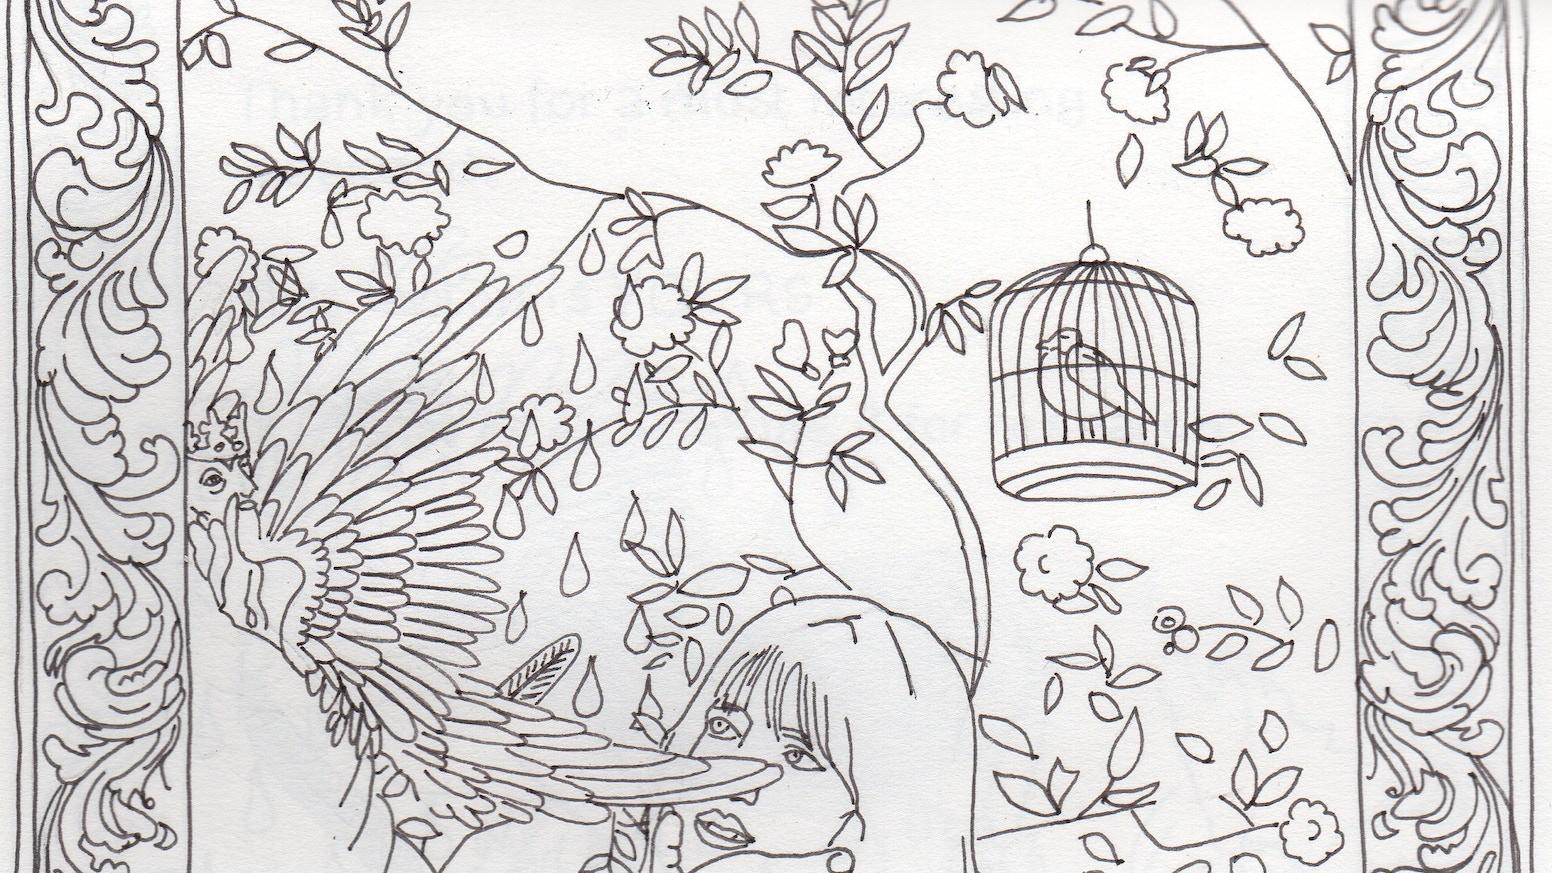 50 Shades of Grey Coloring Book by Aviva Brueckner — Kickstarter